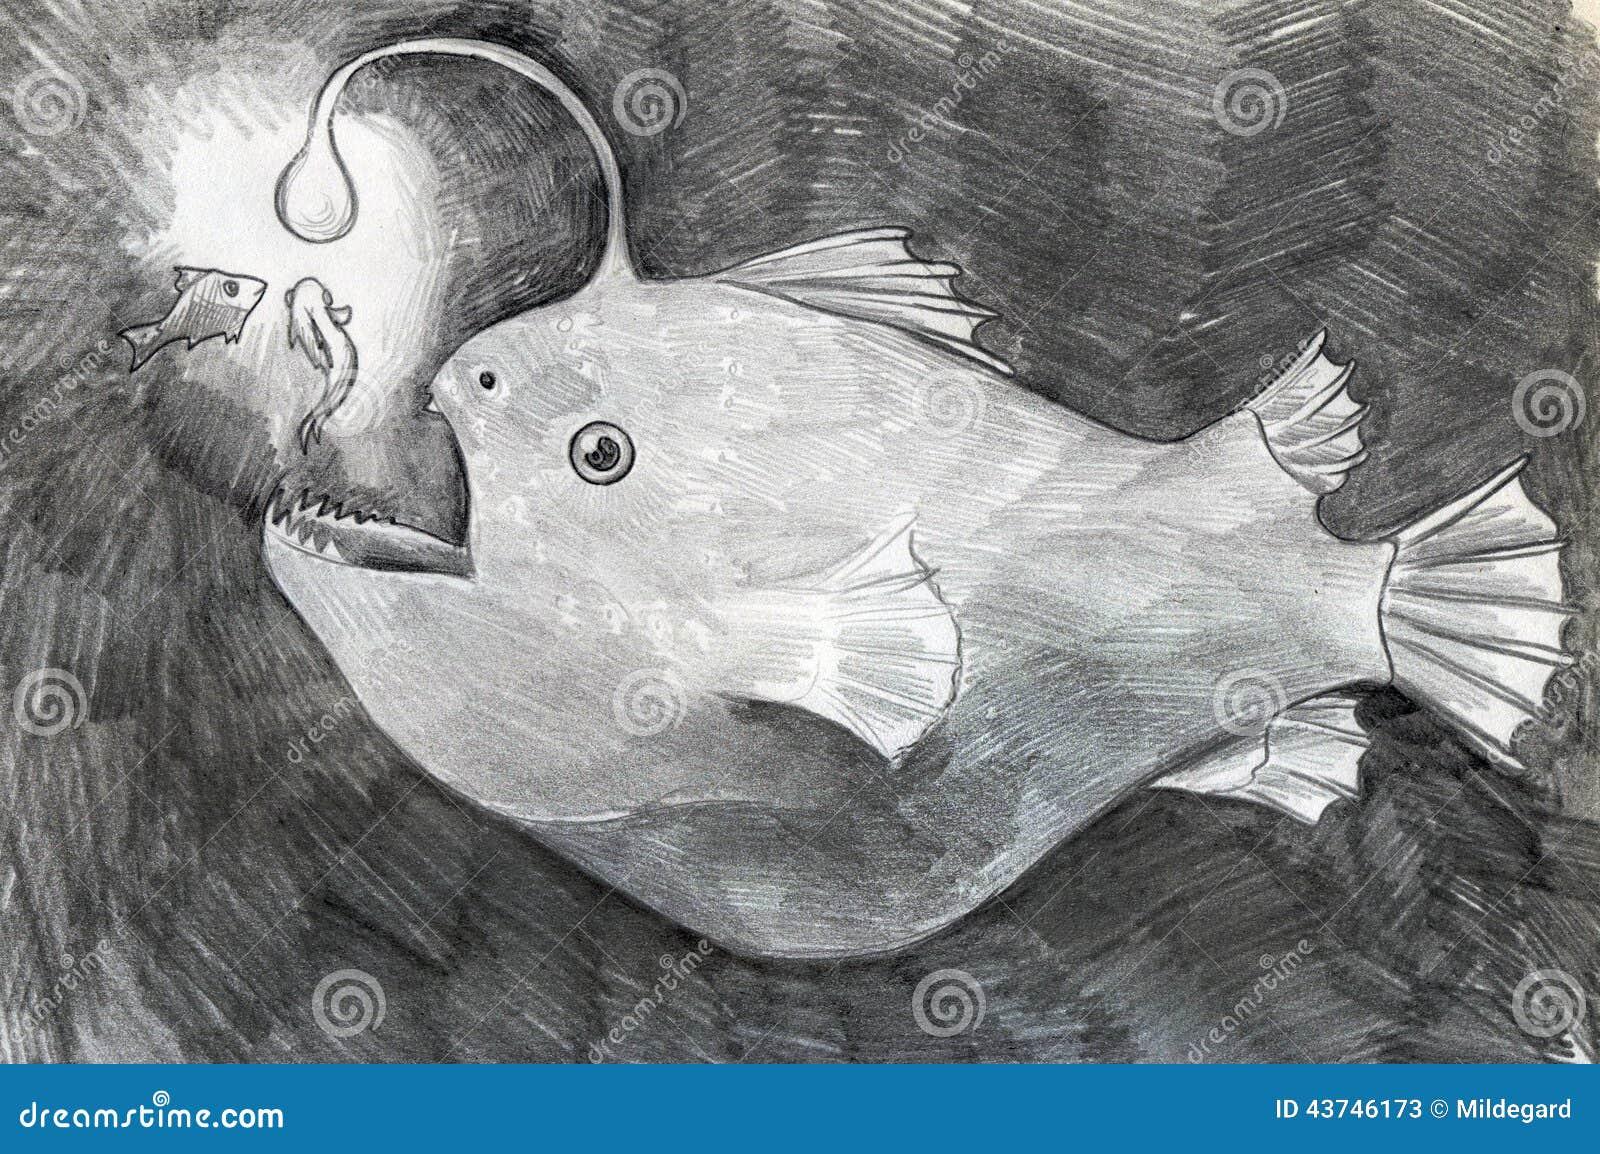 Croquis de poissons d 39 eau profonde illustration stock - Croquis poisson ...